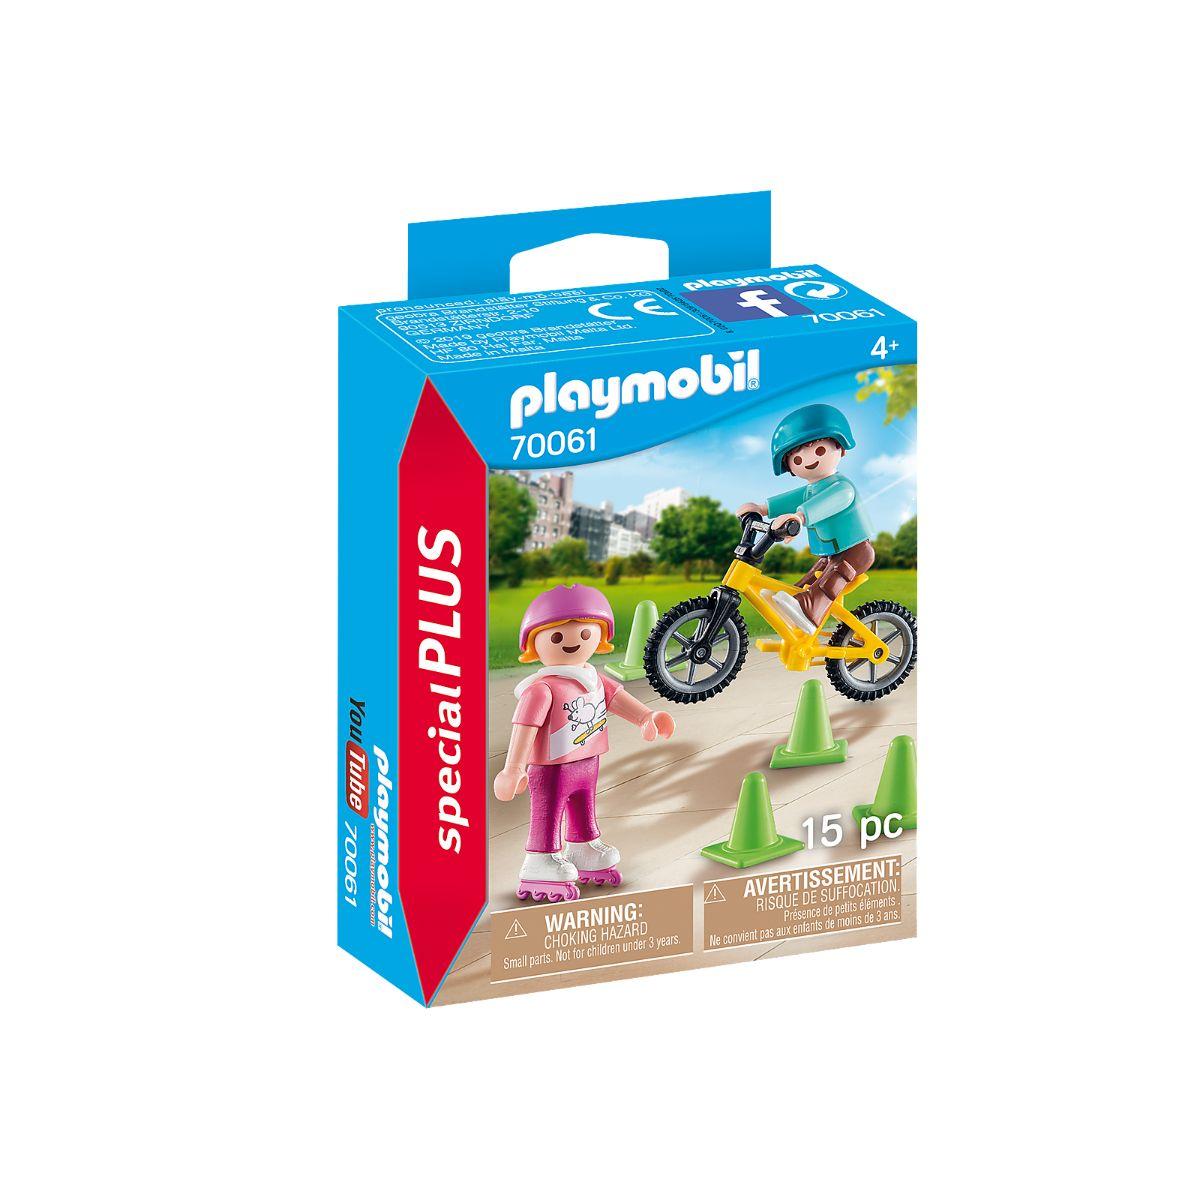 Set Playmobil Figures Special Plus - Figurina copii cu role si bicicleta